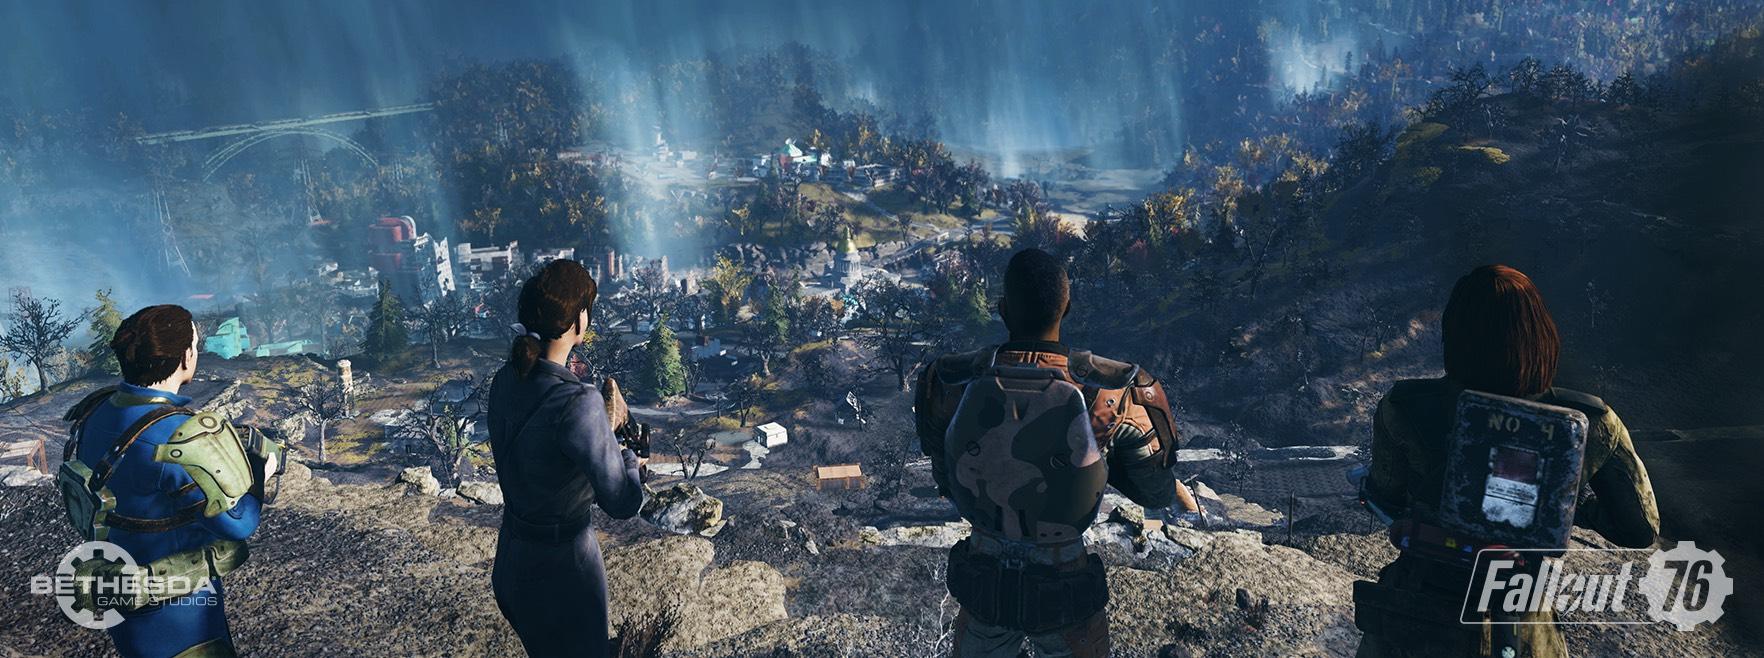 Fallout76_E3_Vista_Desktop